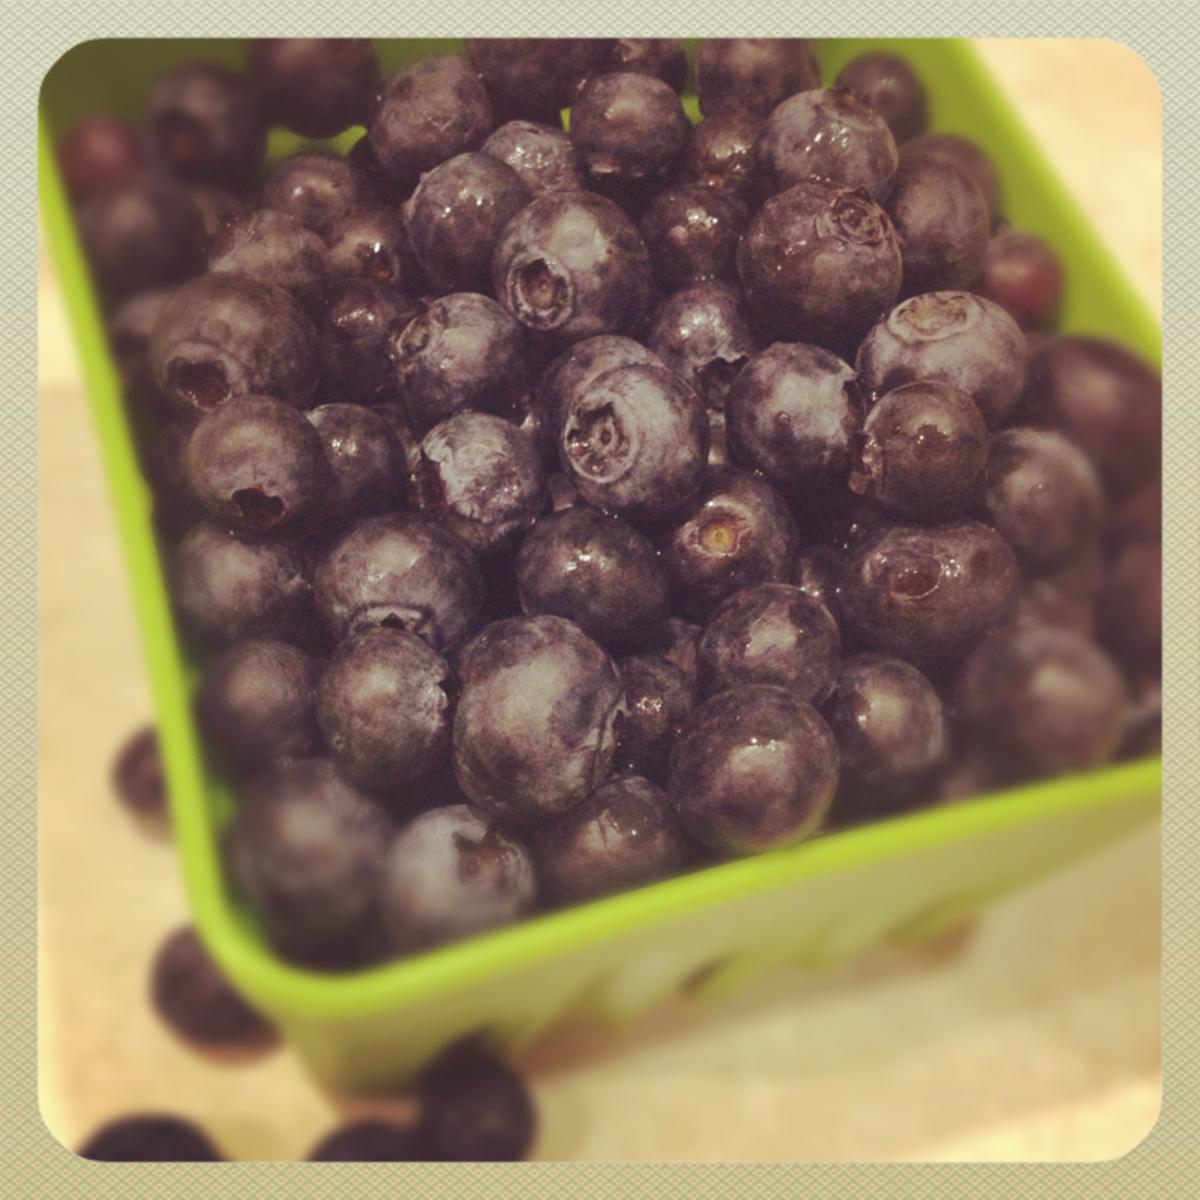 Fresh berries in cute carton.